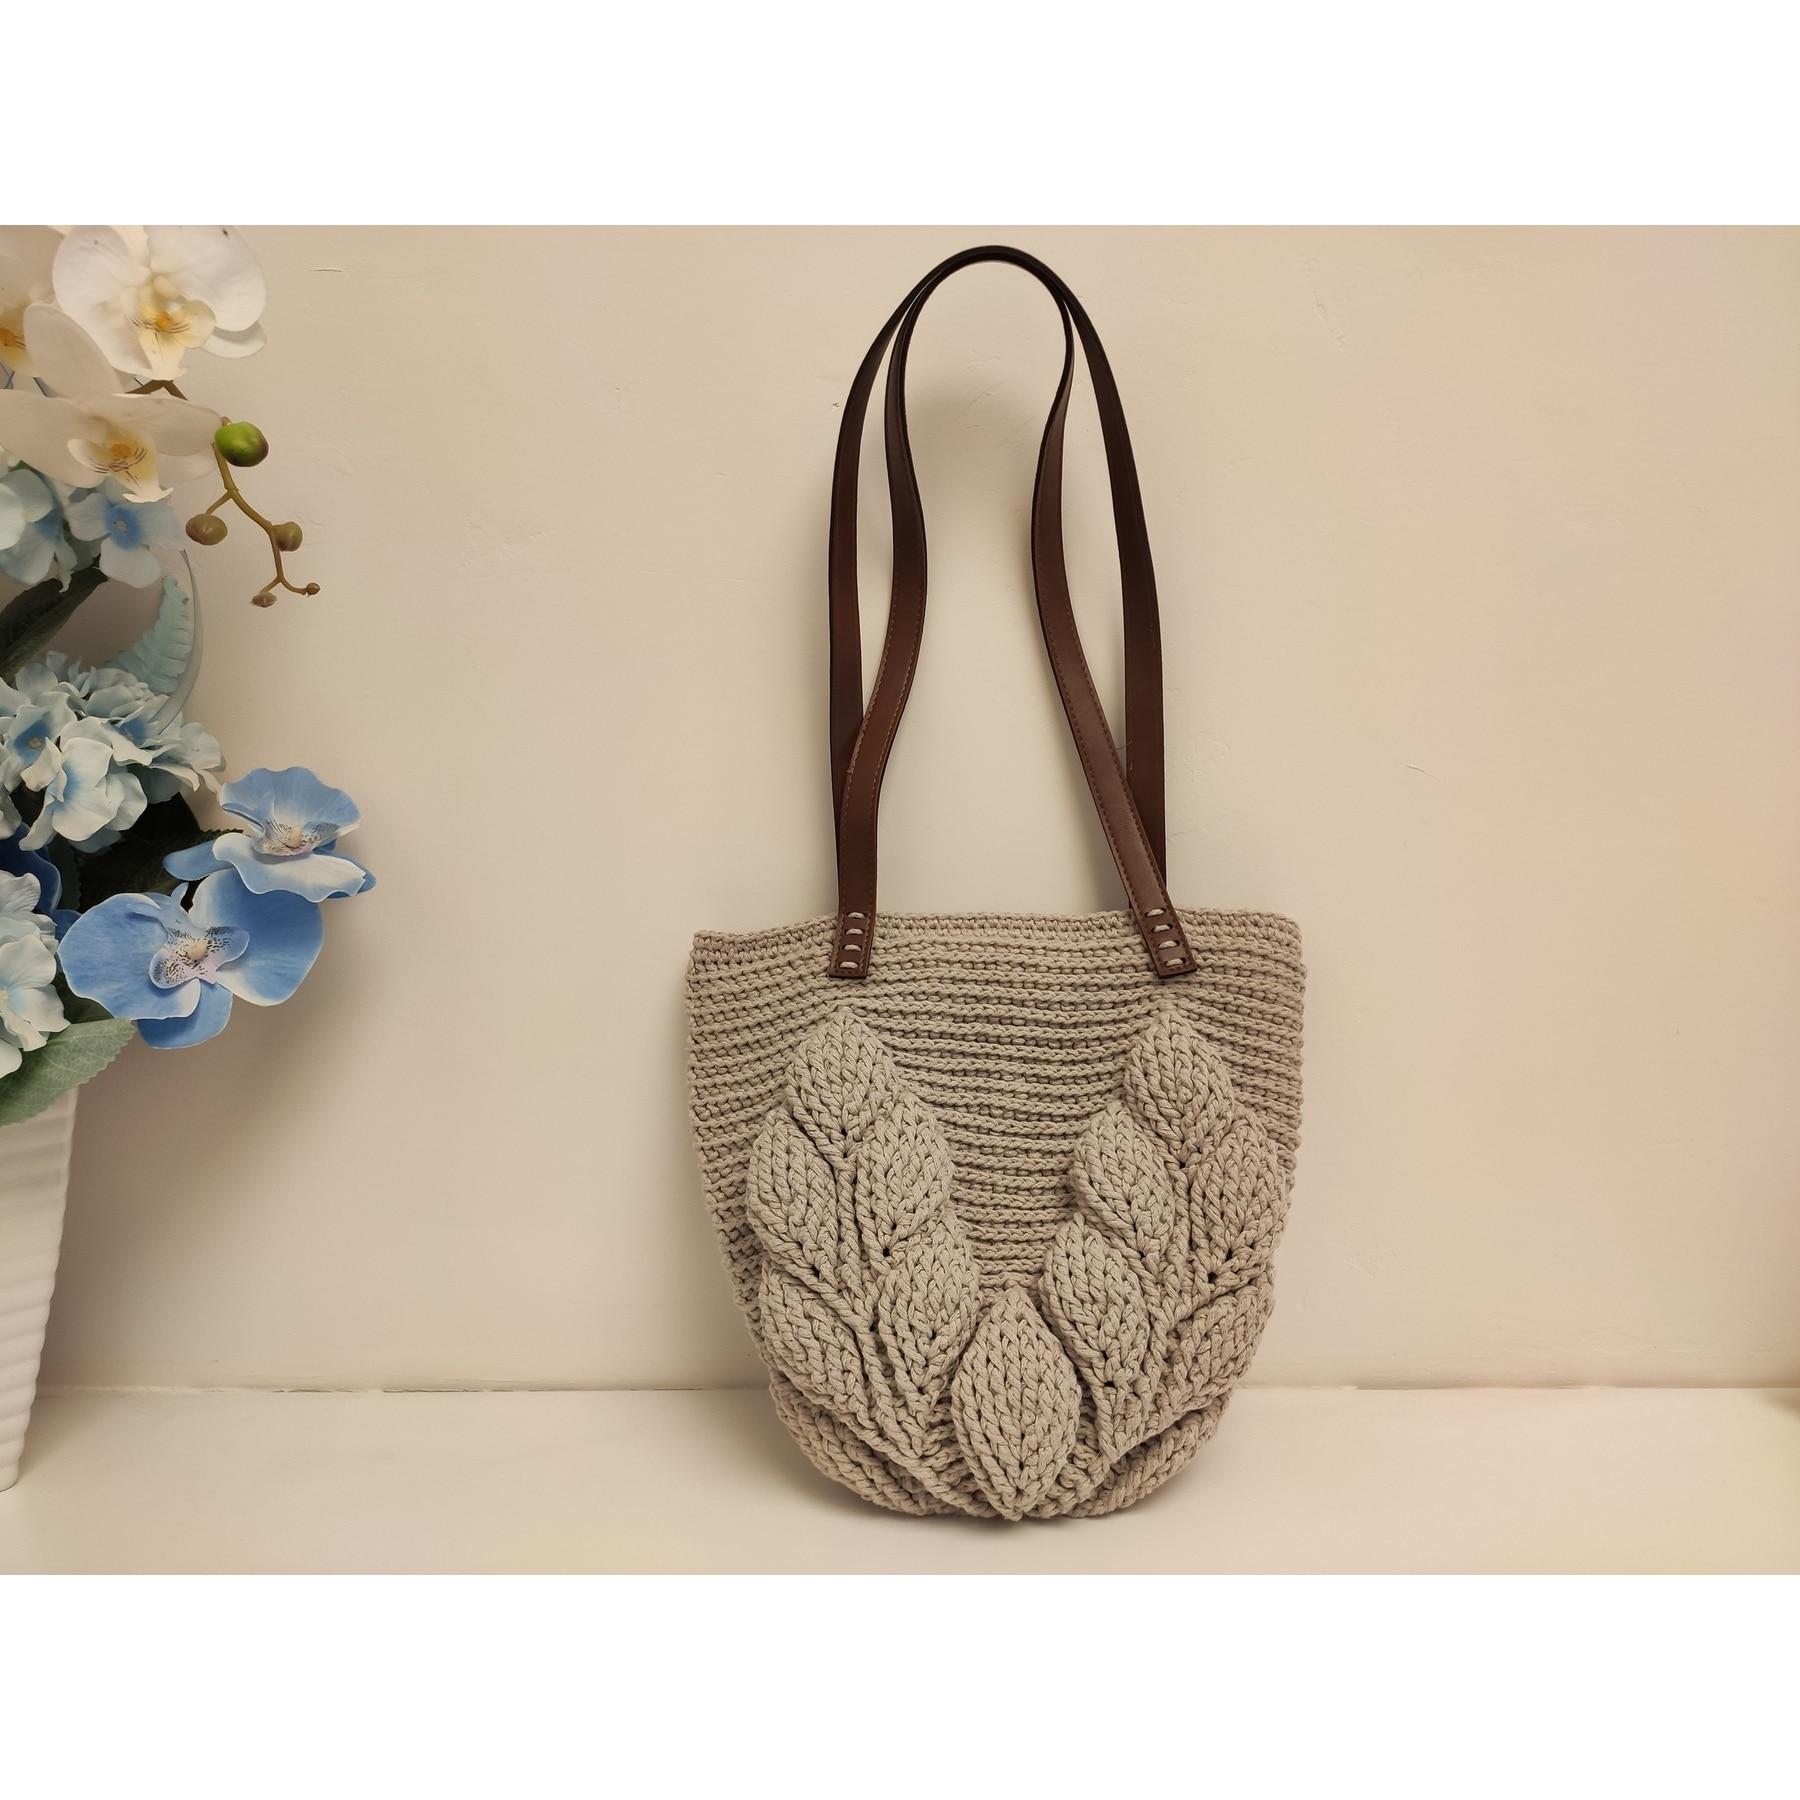 Mink 3D Leaf Bag Shoulder Bag Mesh Bag TREND Handbag - Knitting - Handmade - Shoulder Bag